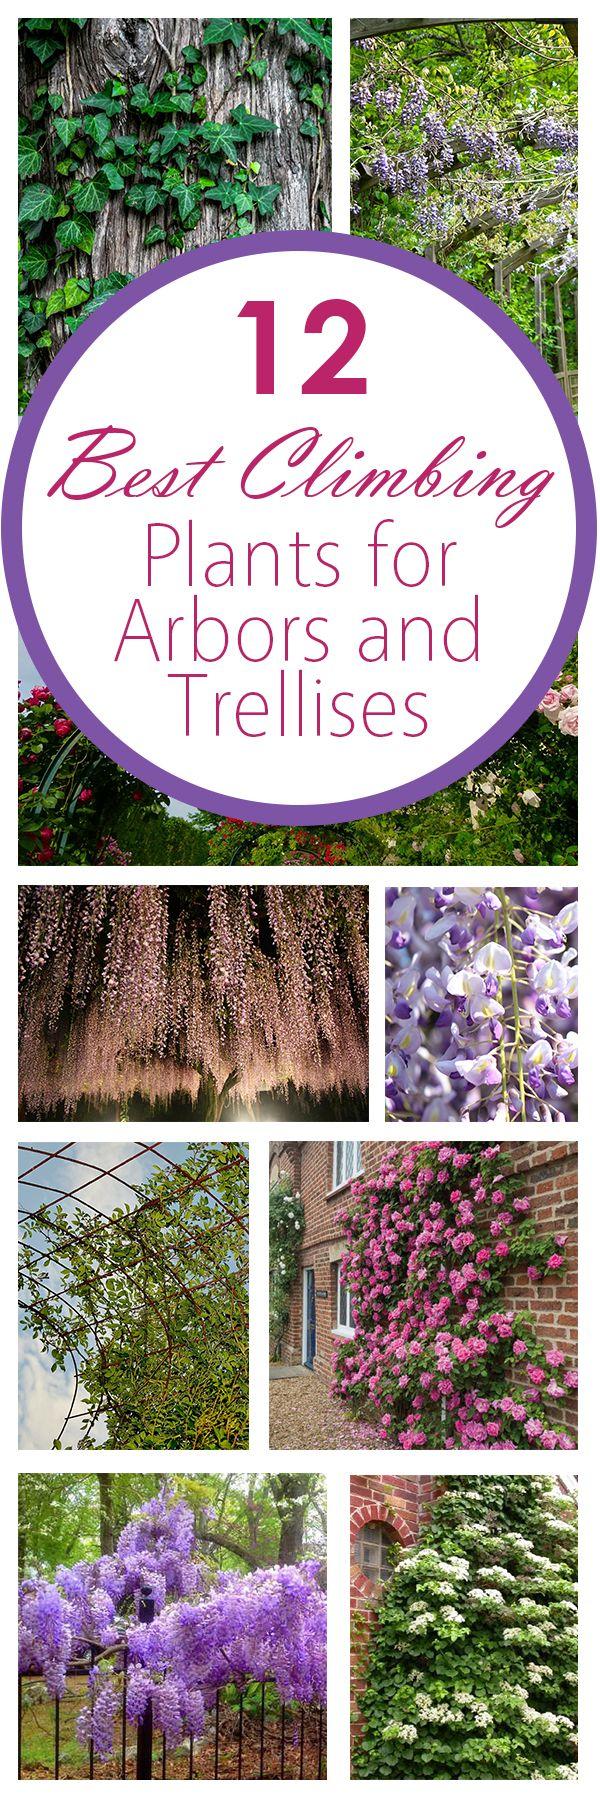 Climbing plants, best climbing plants, plants for trellises, gardening, outdoor living, popular pin, outdoor gardening